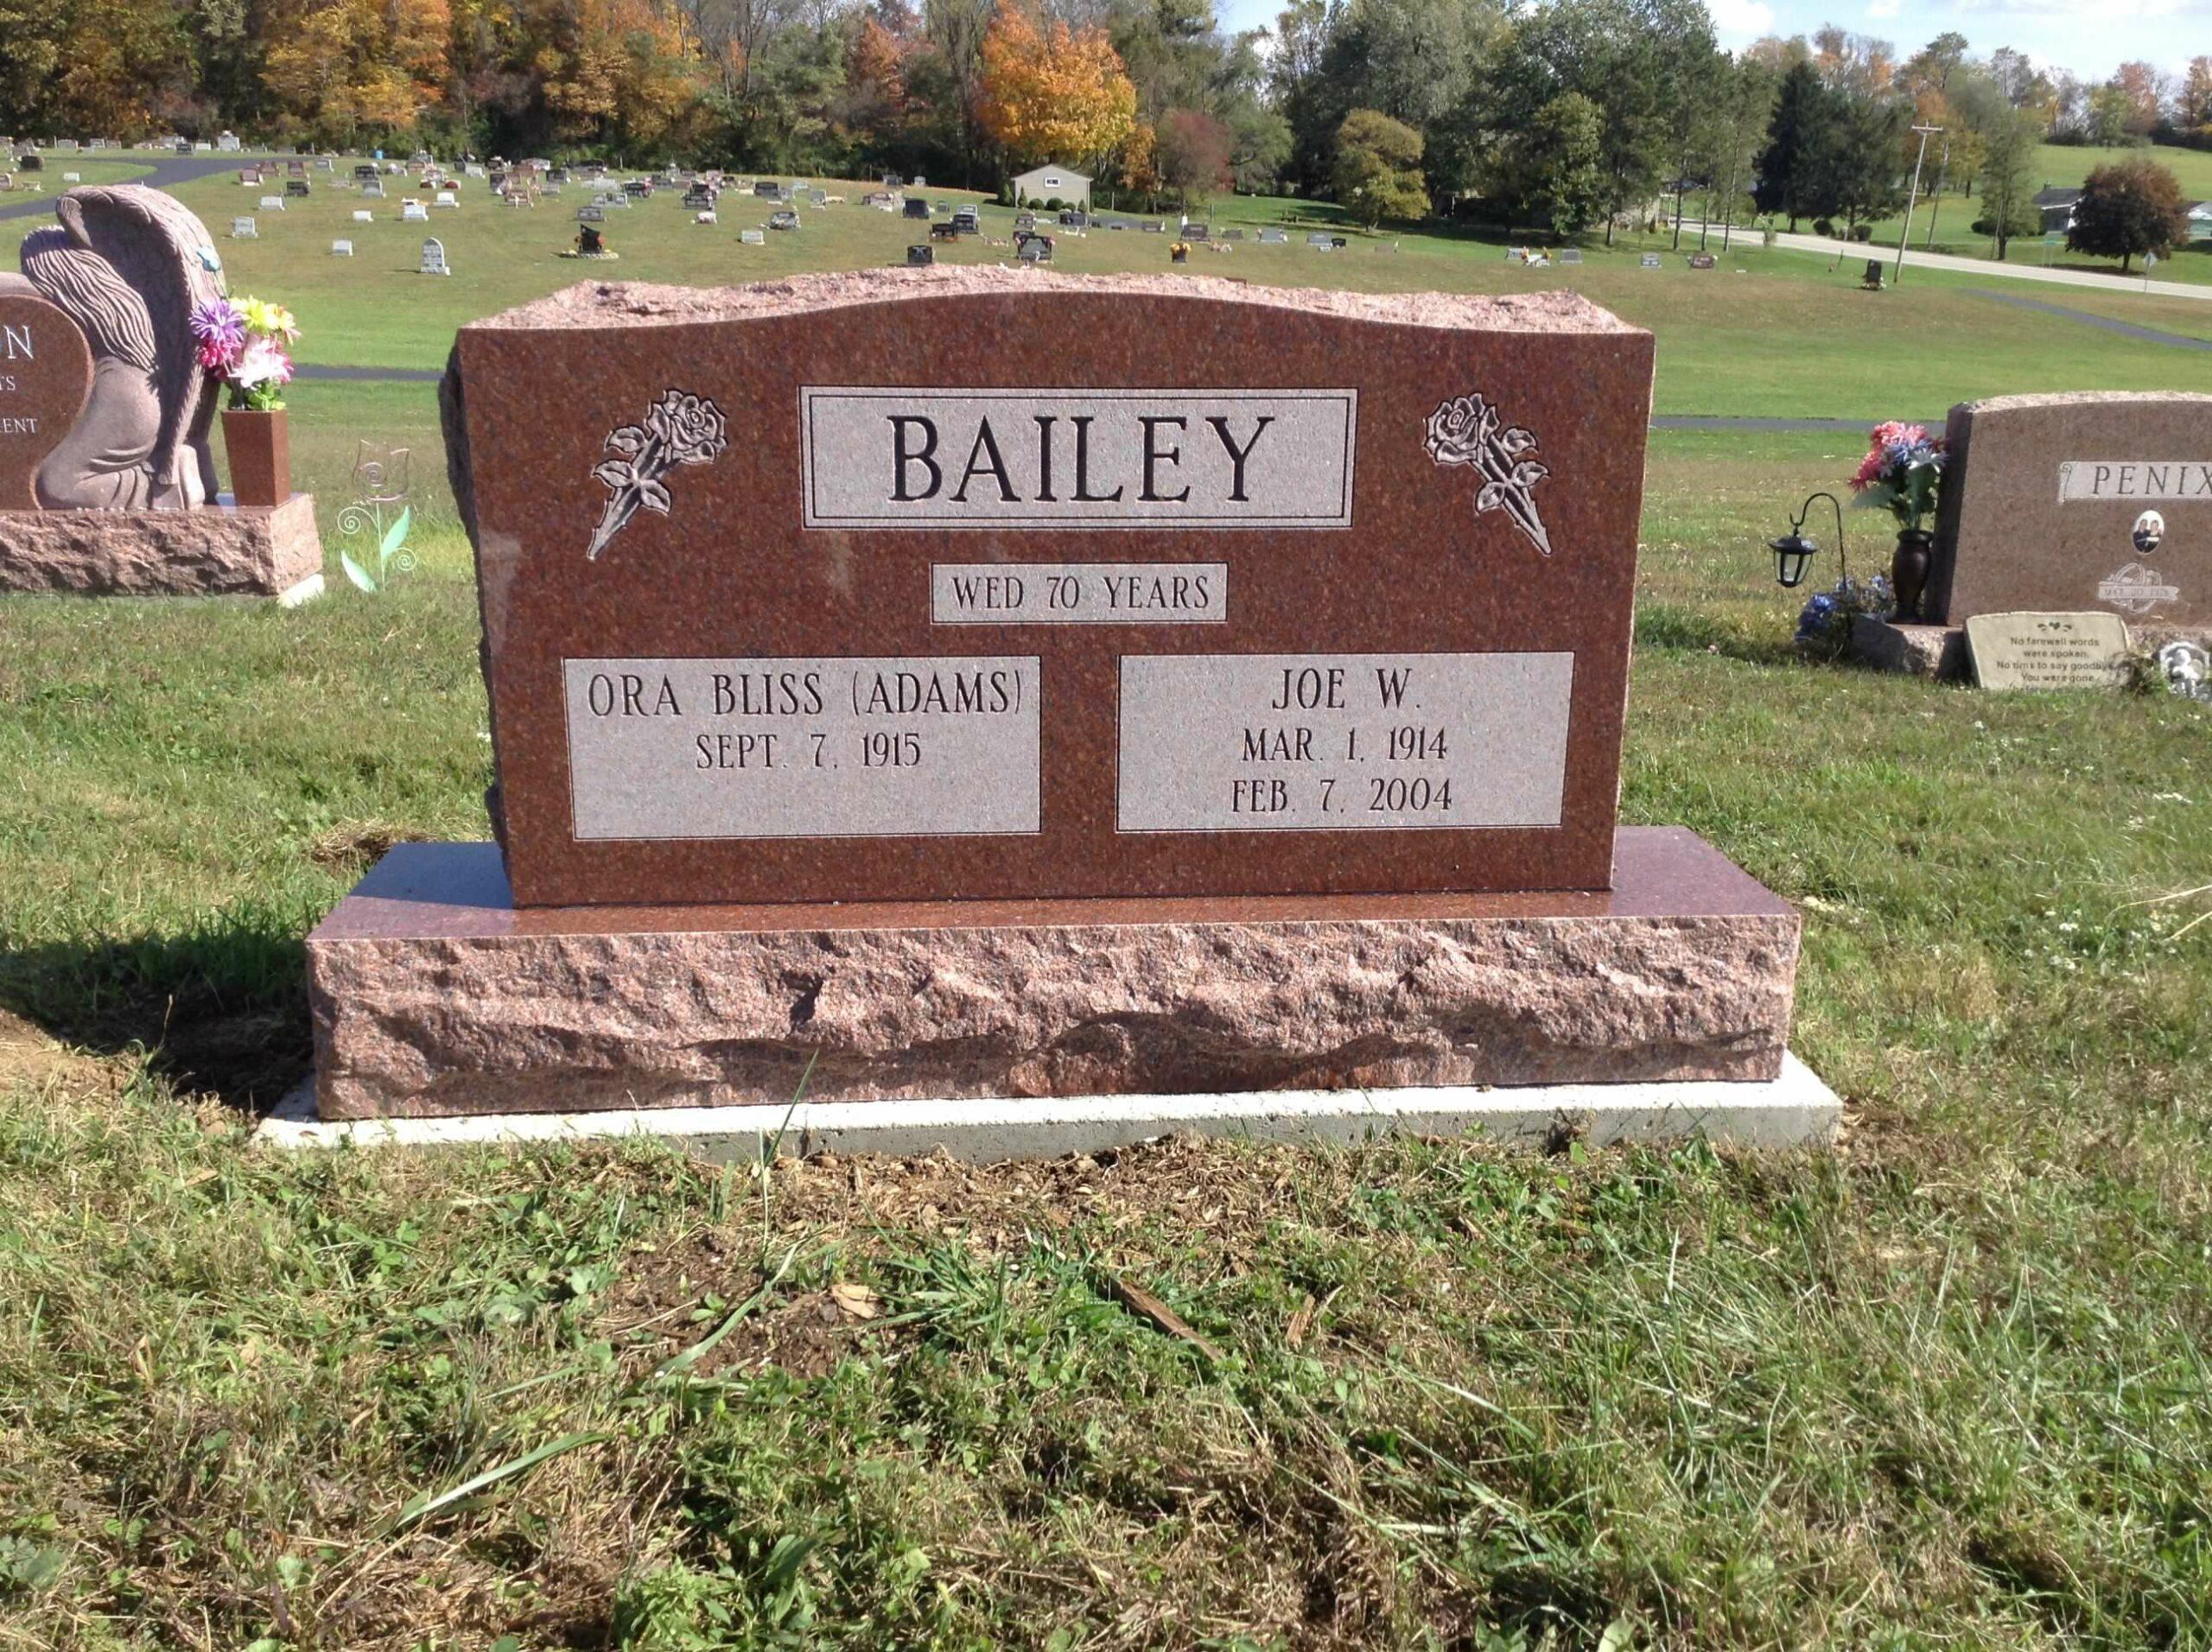 Bailey, Ora Bliss